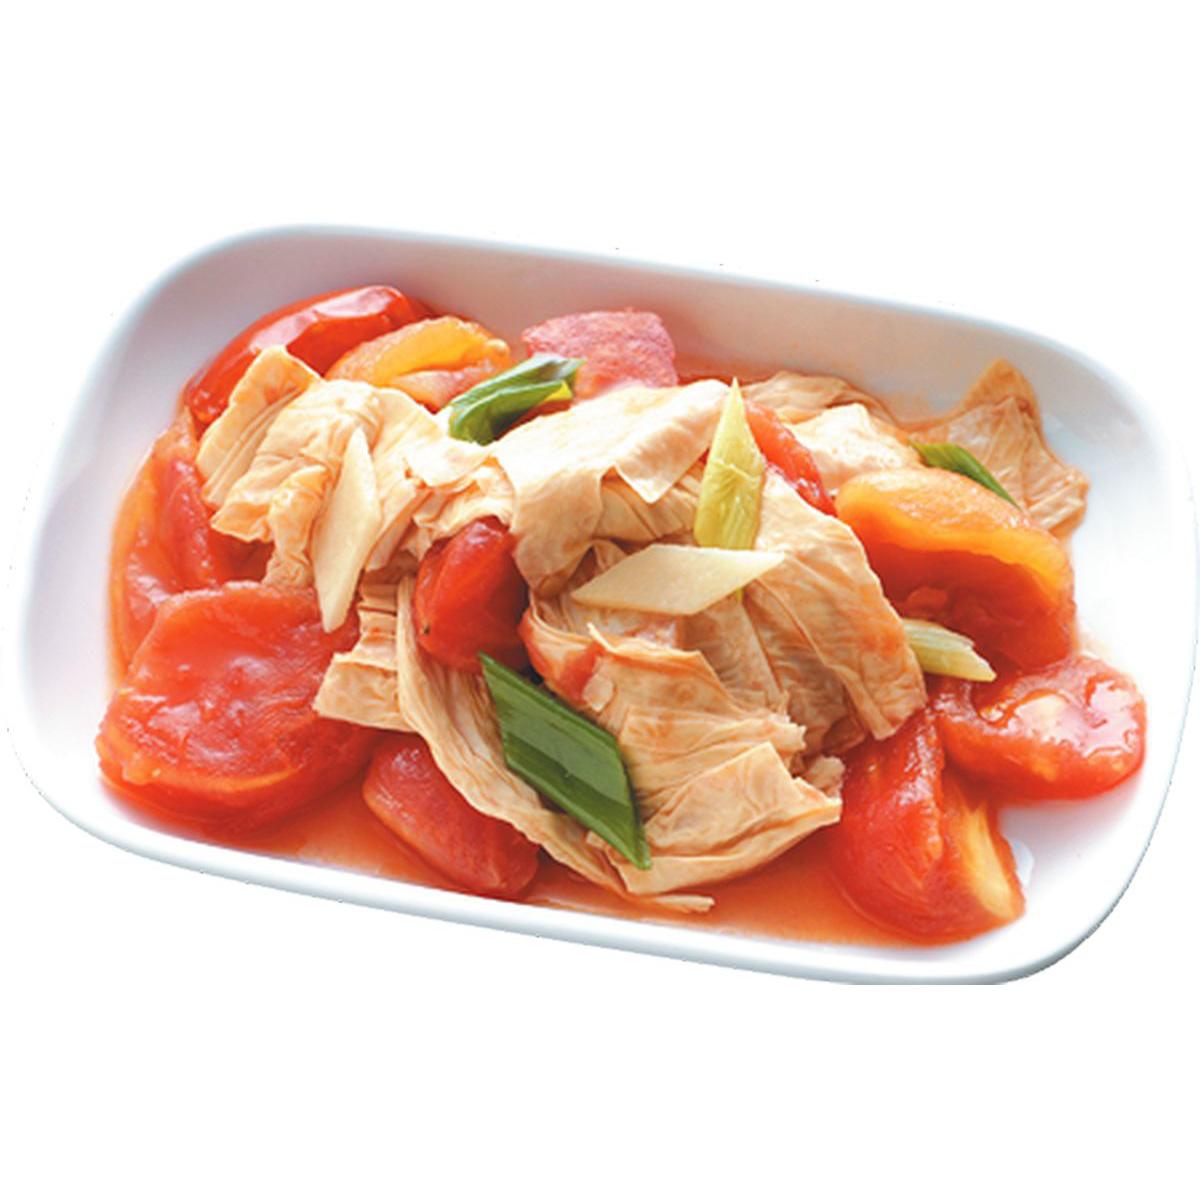 食譜:番茄炒豆包